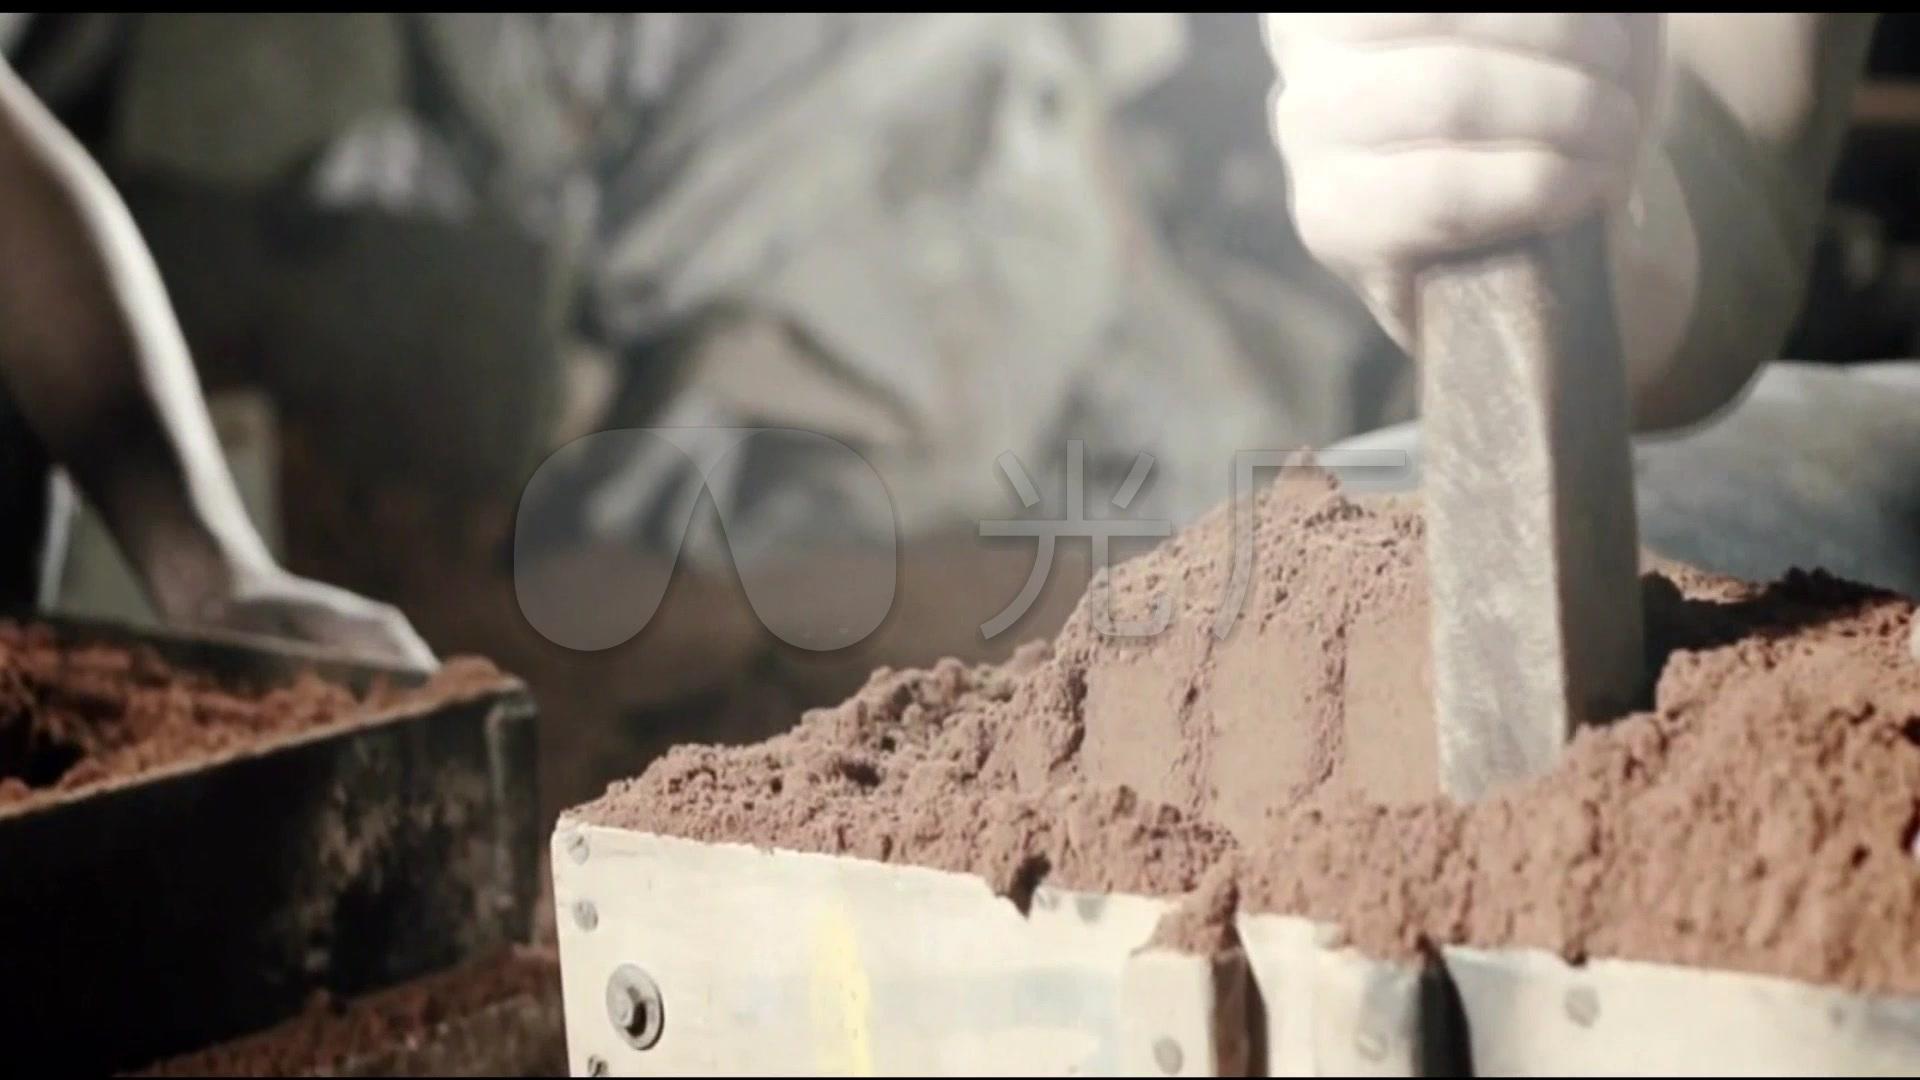 古代工艺工业锻造青铜步骤剑冶炼_1920X108社区建设方法技术图片